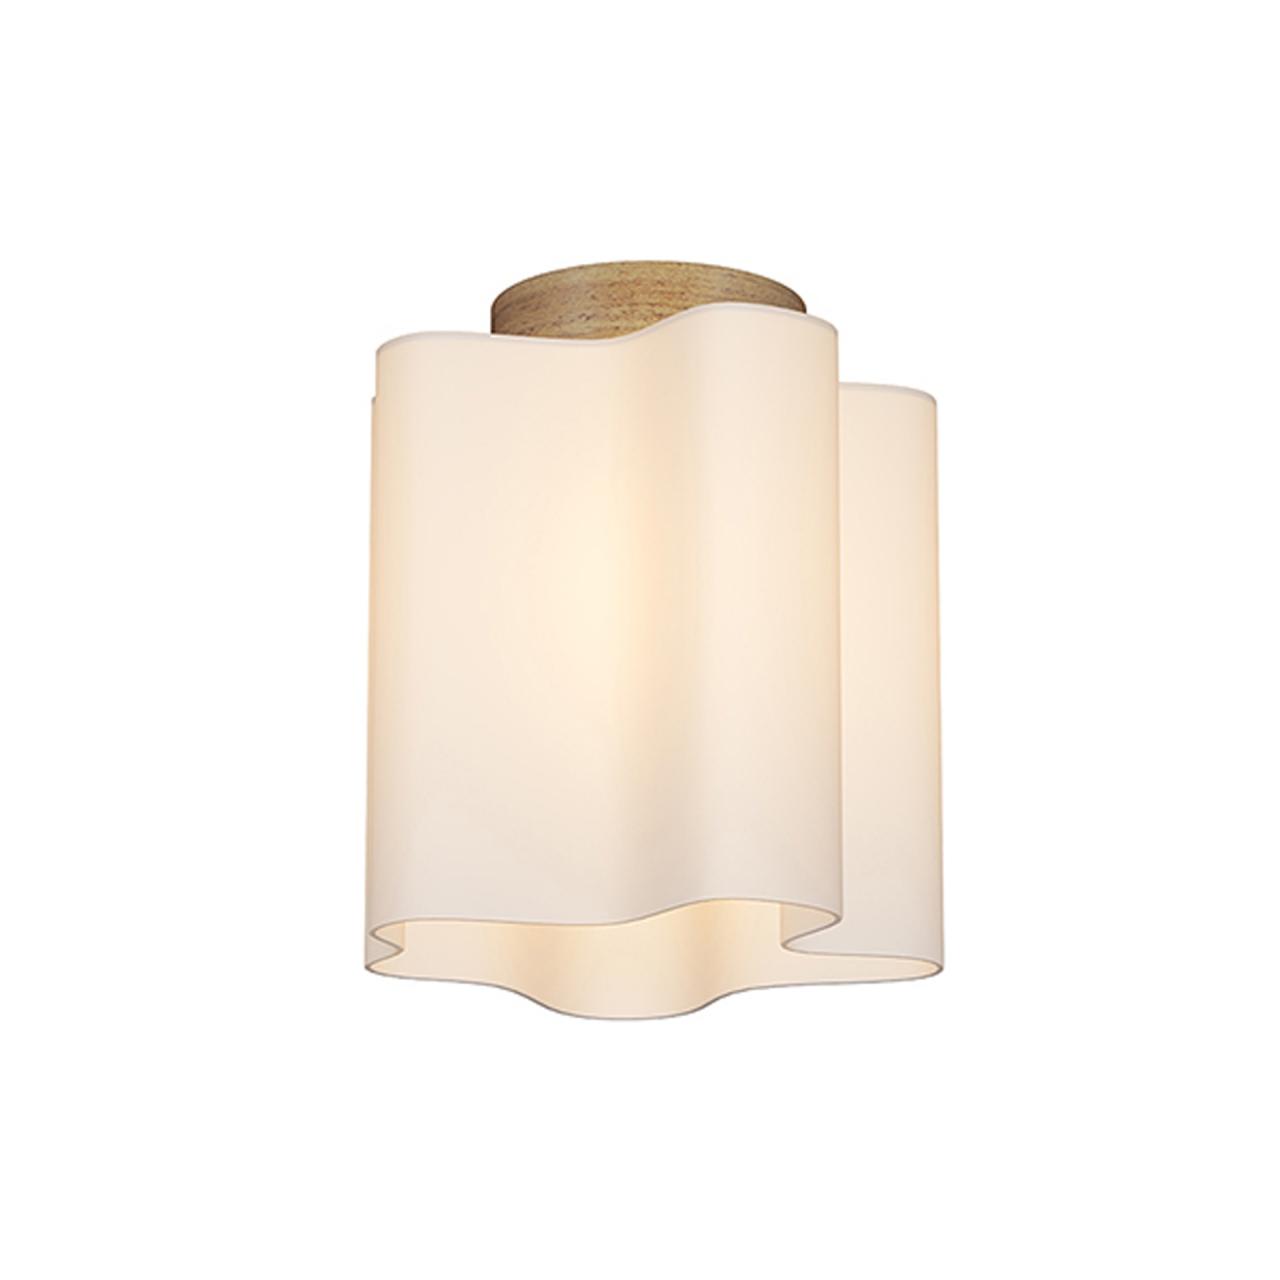 Люстра потолочная NUBI Legno 1x40W E27 светлое дерево / белый Lightstar 802015